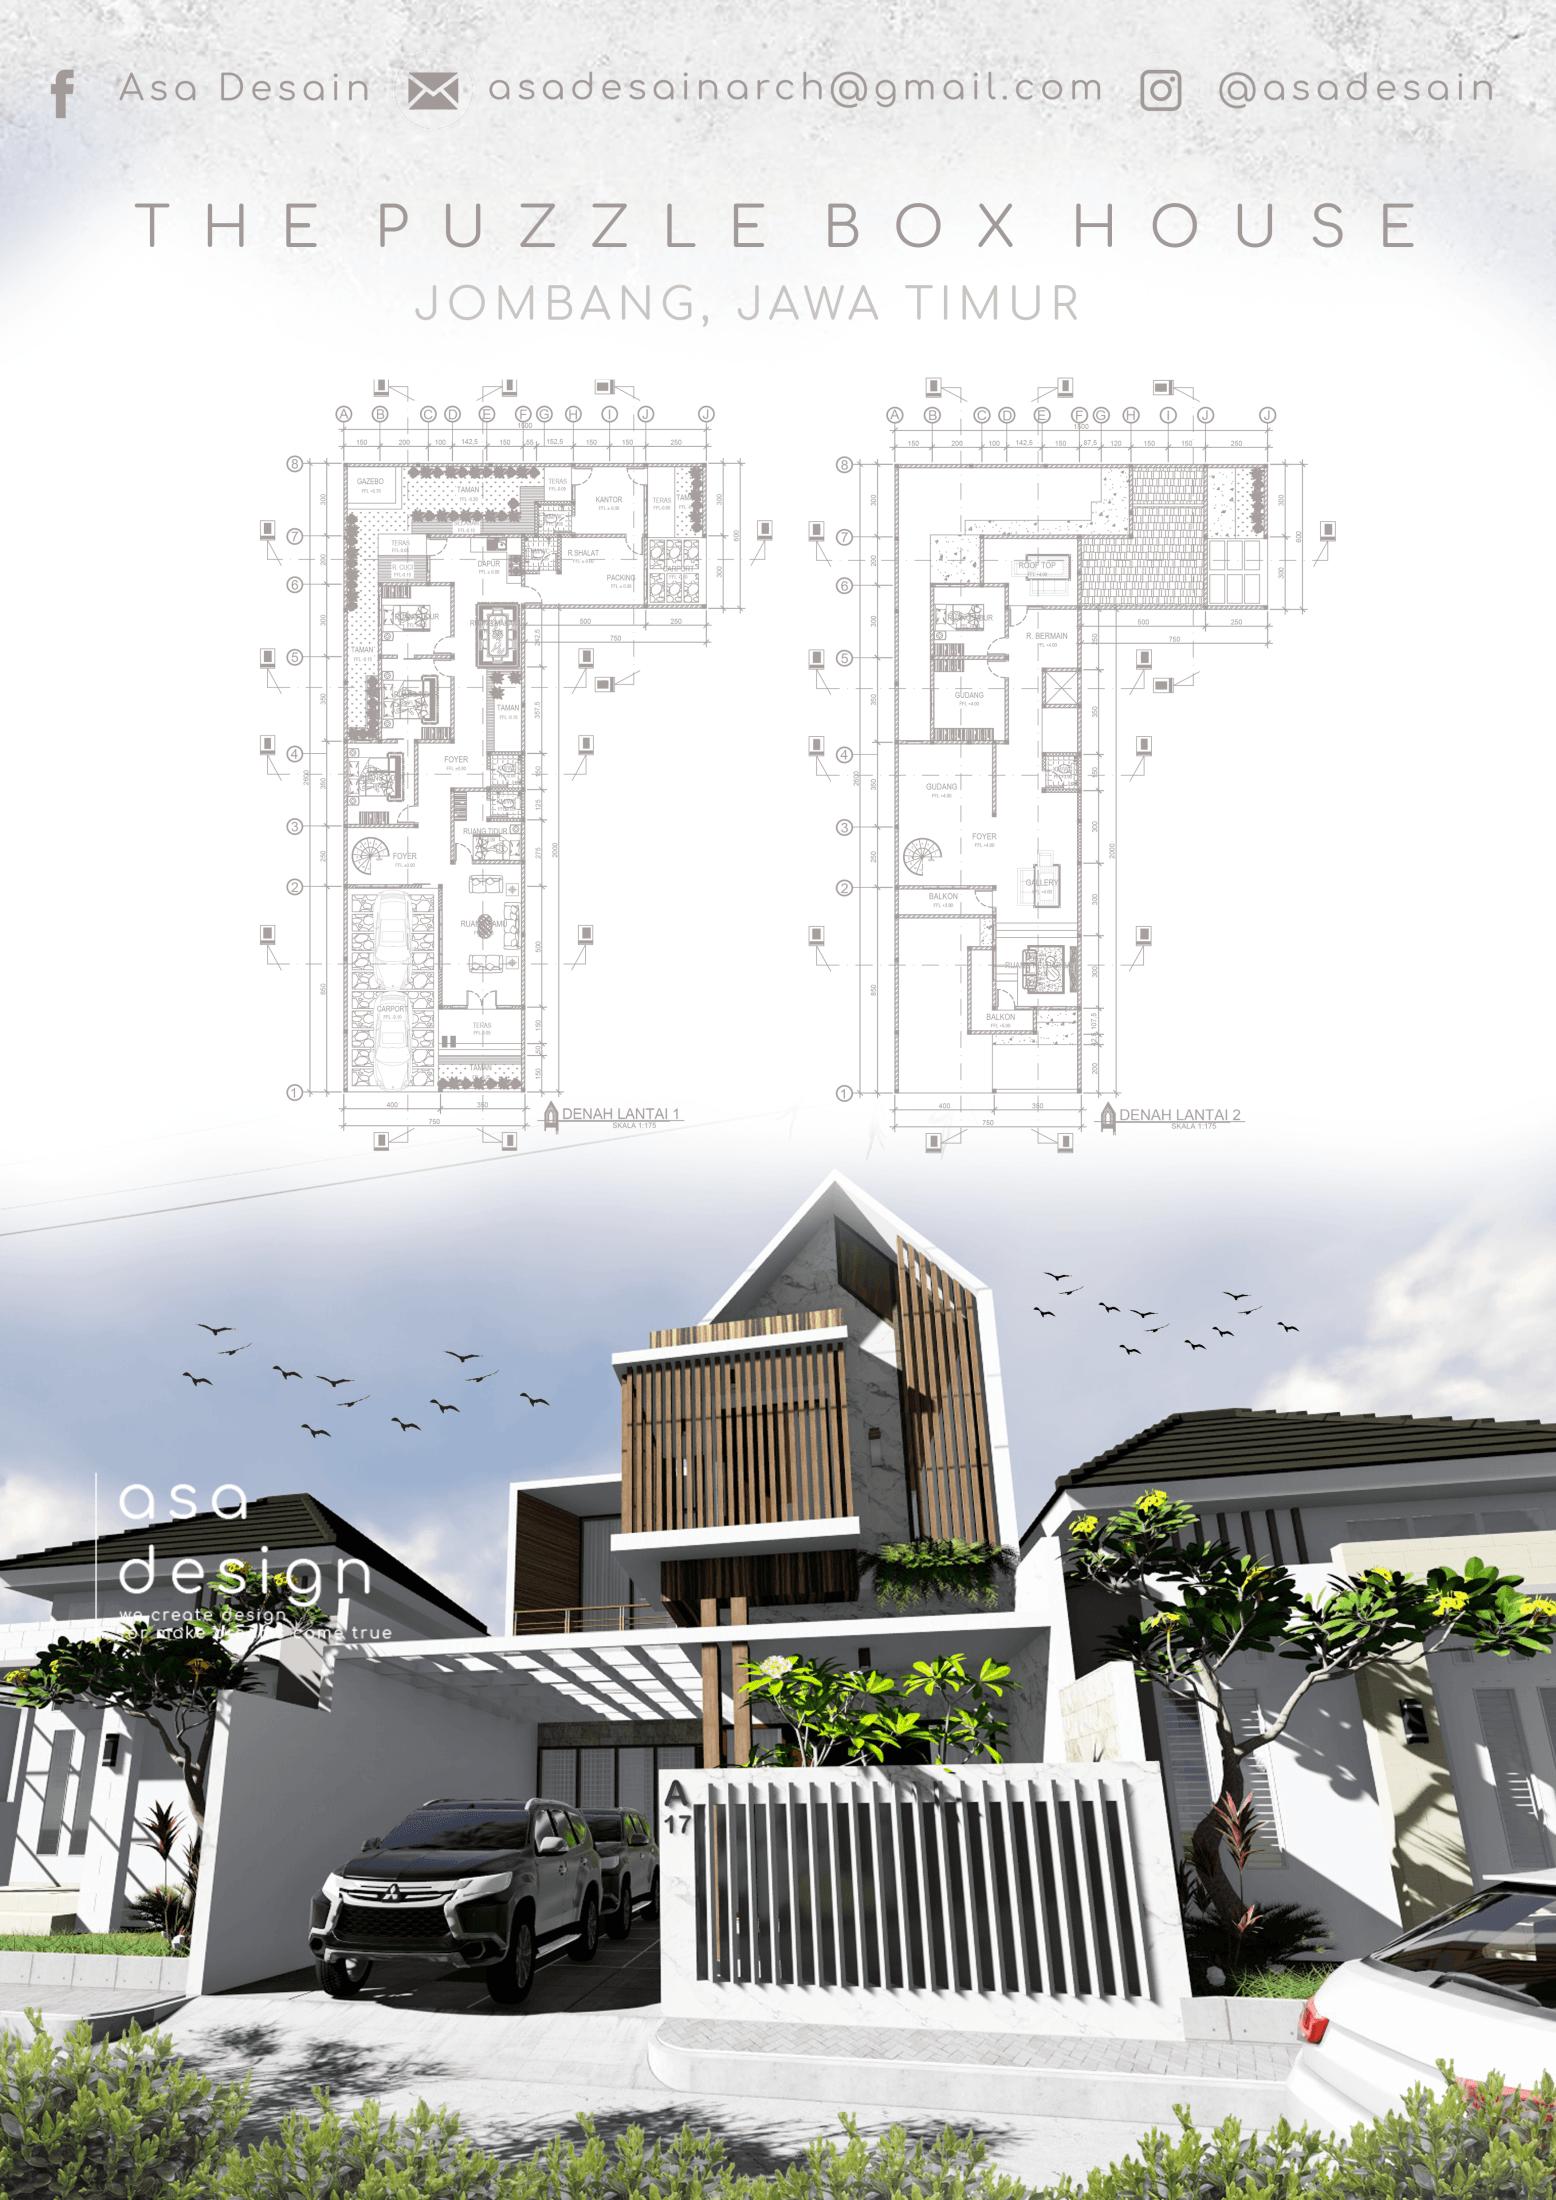 Jasa Design and Build ASA DESAIN ARSITEK di Jombang